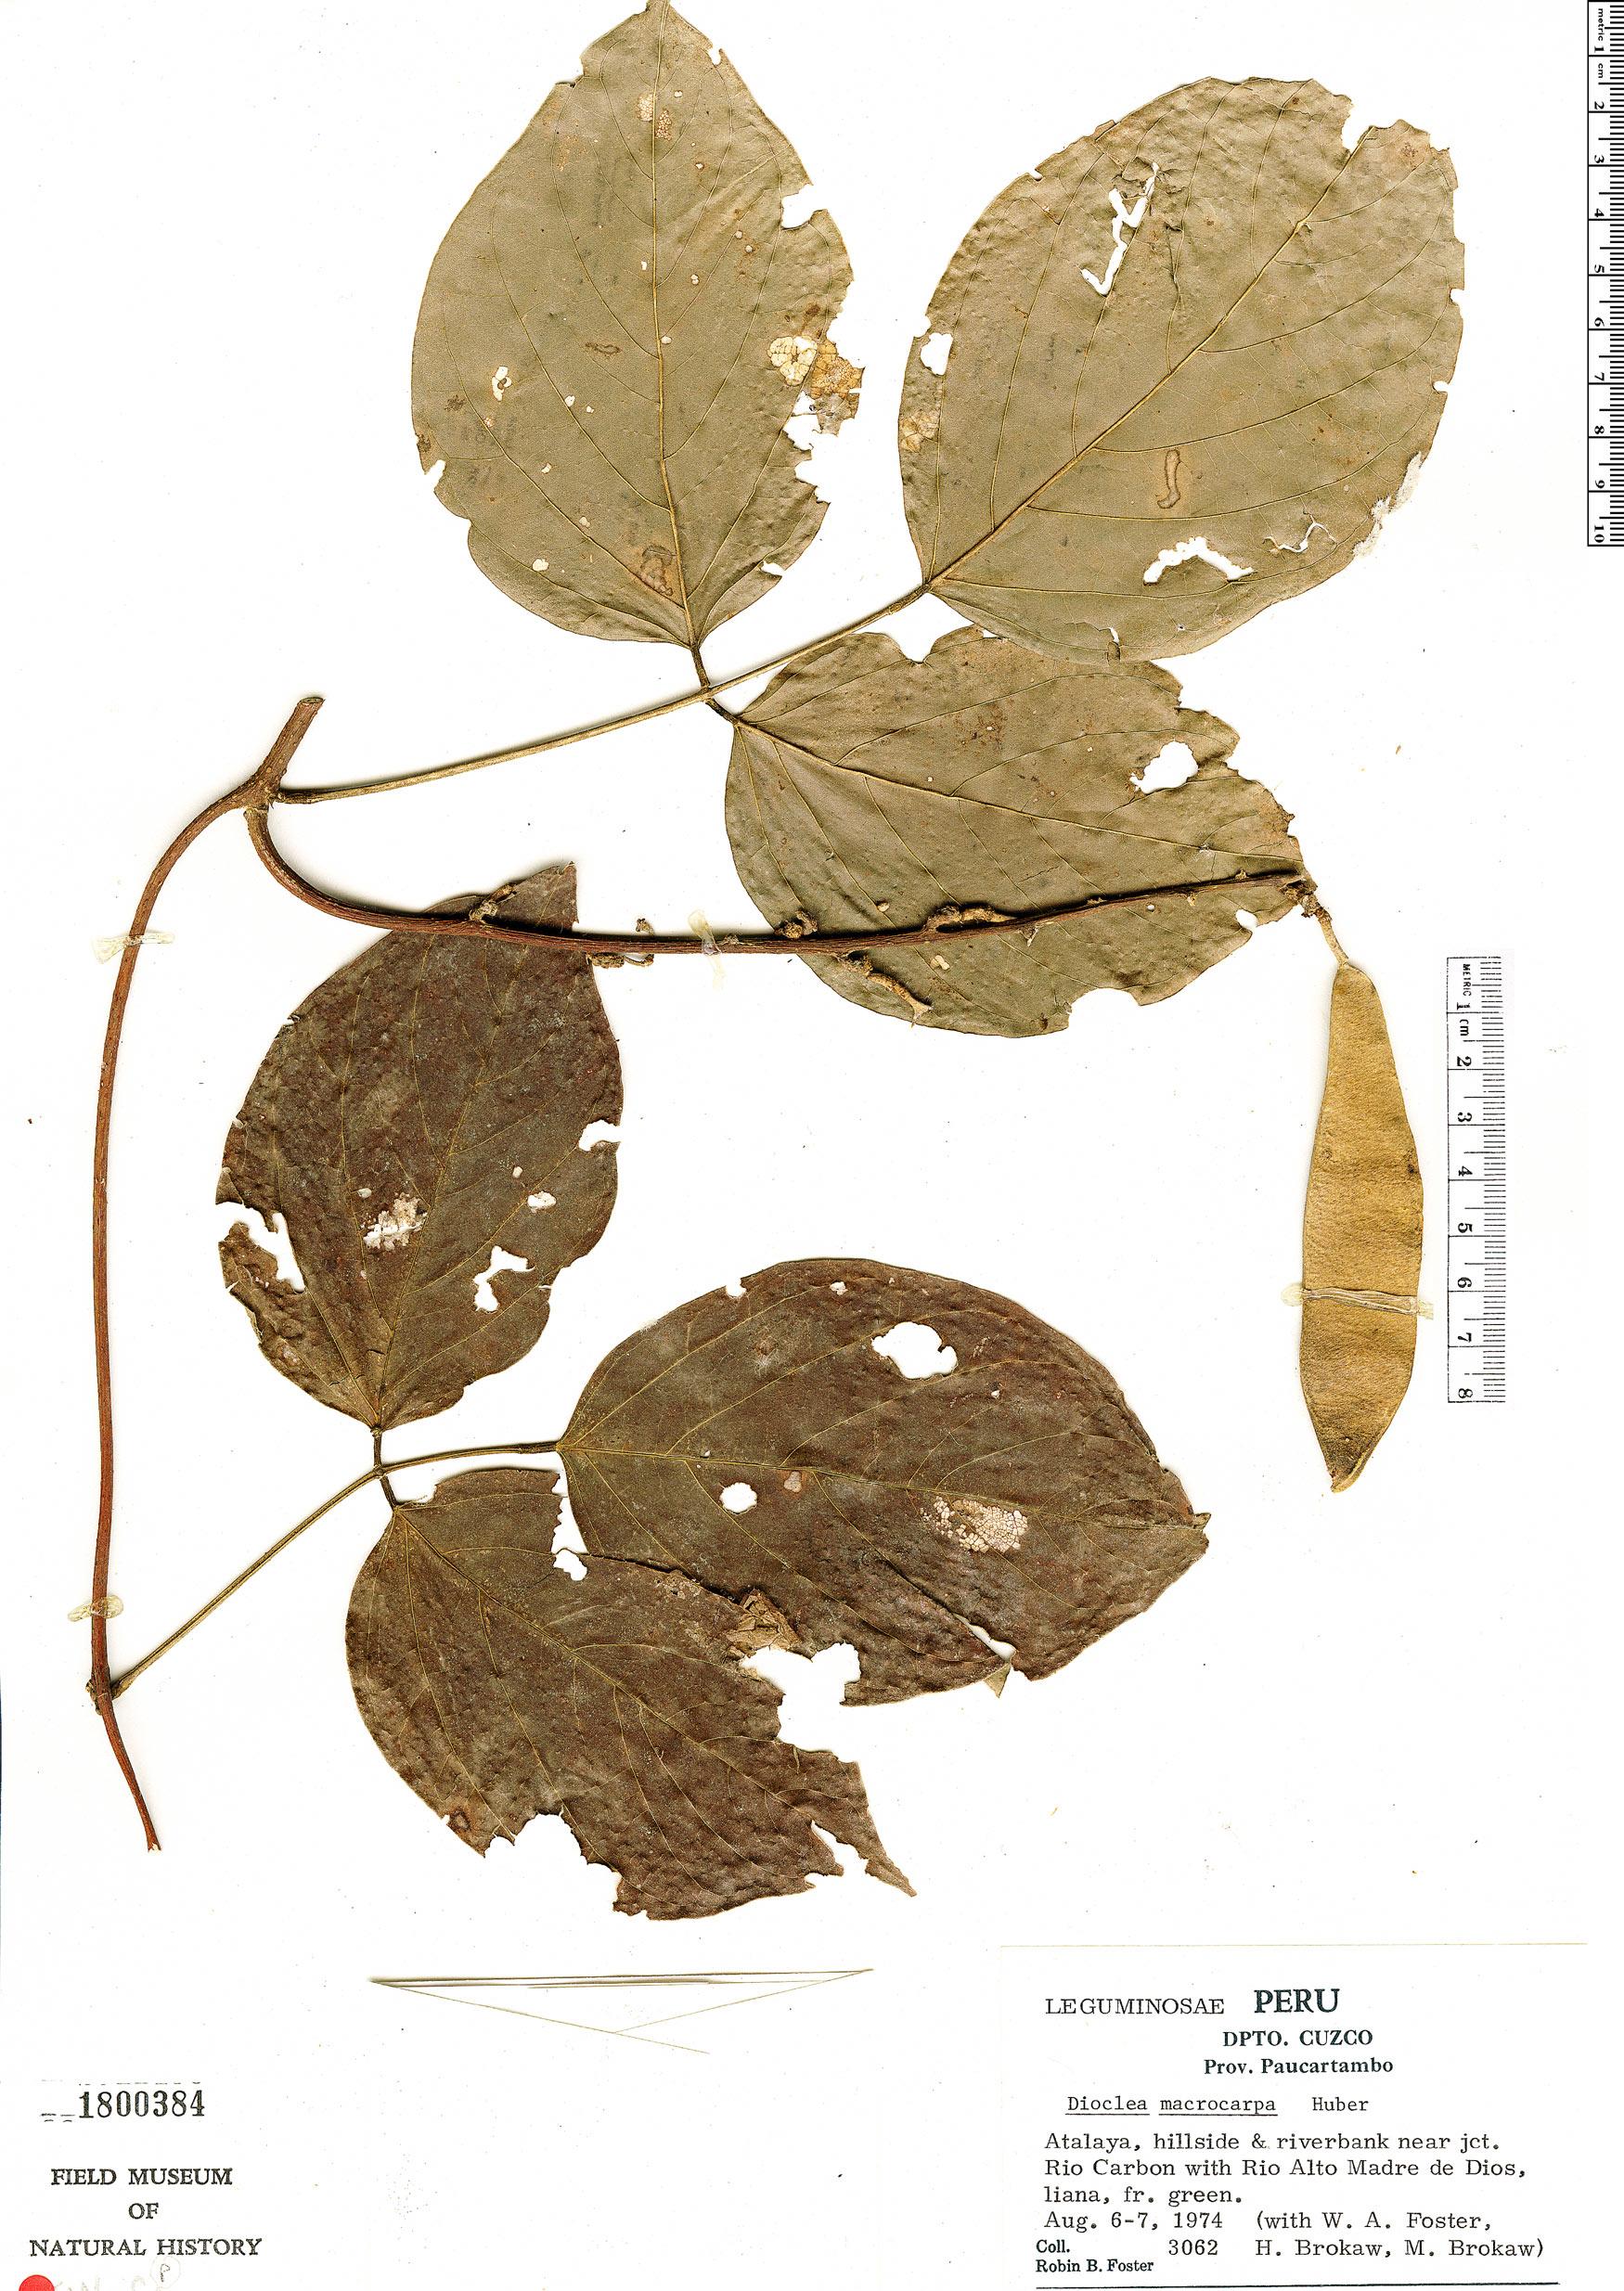 Specimen: Dioclea macrocarpa